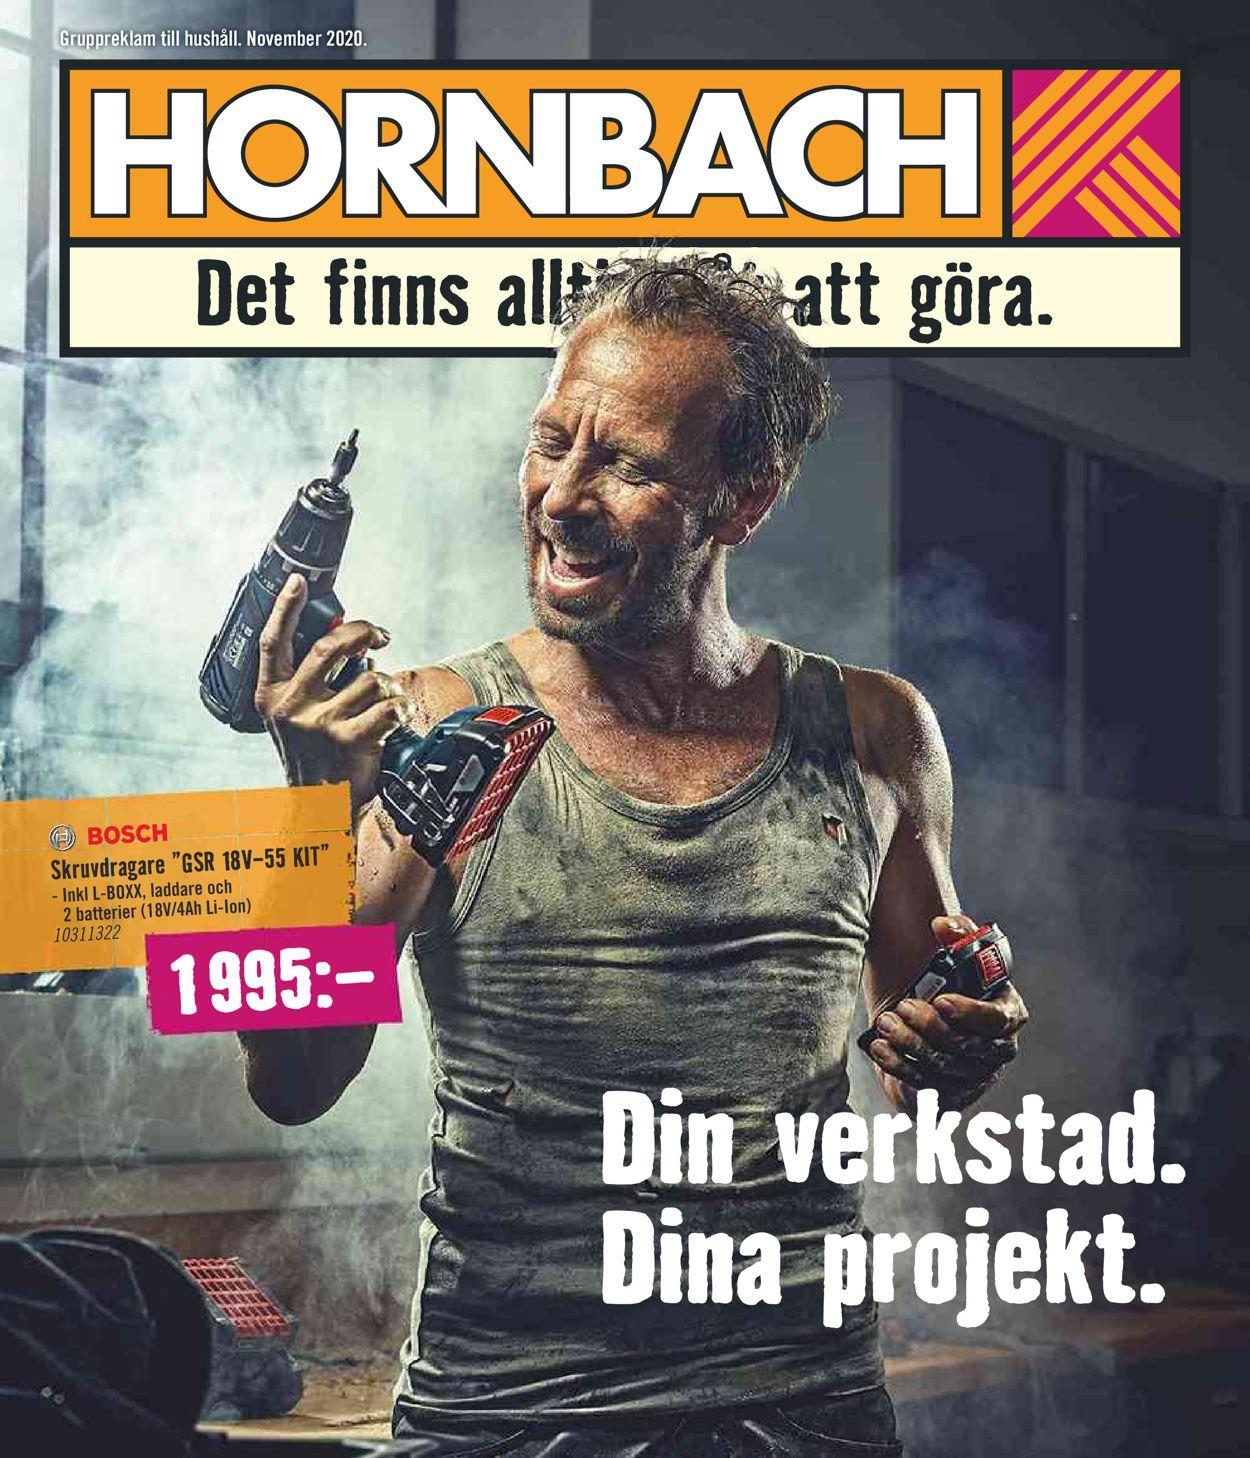 Hornbach - Reklamblad - 01/11-30/11-2020